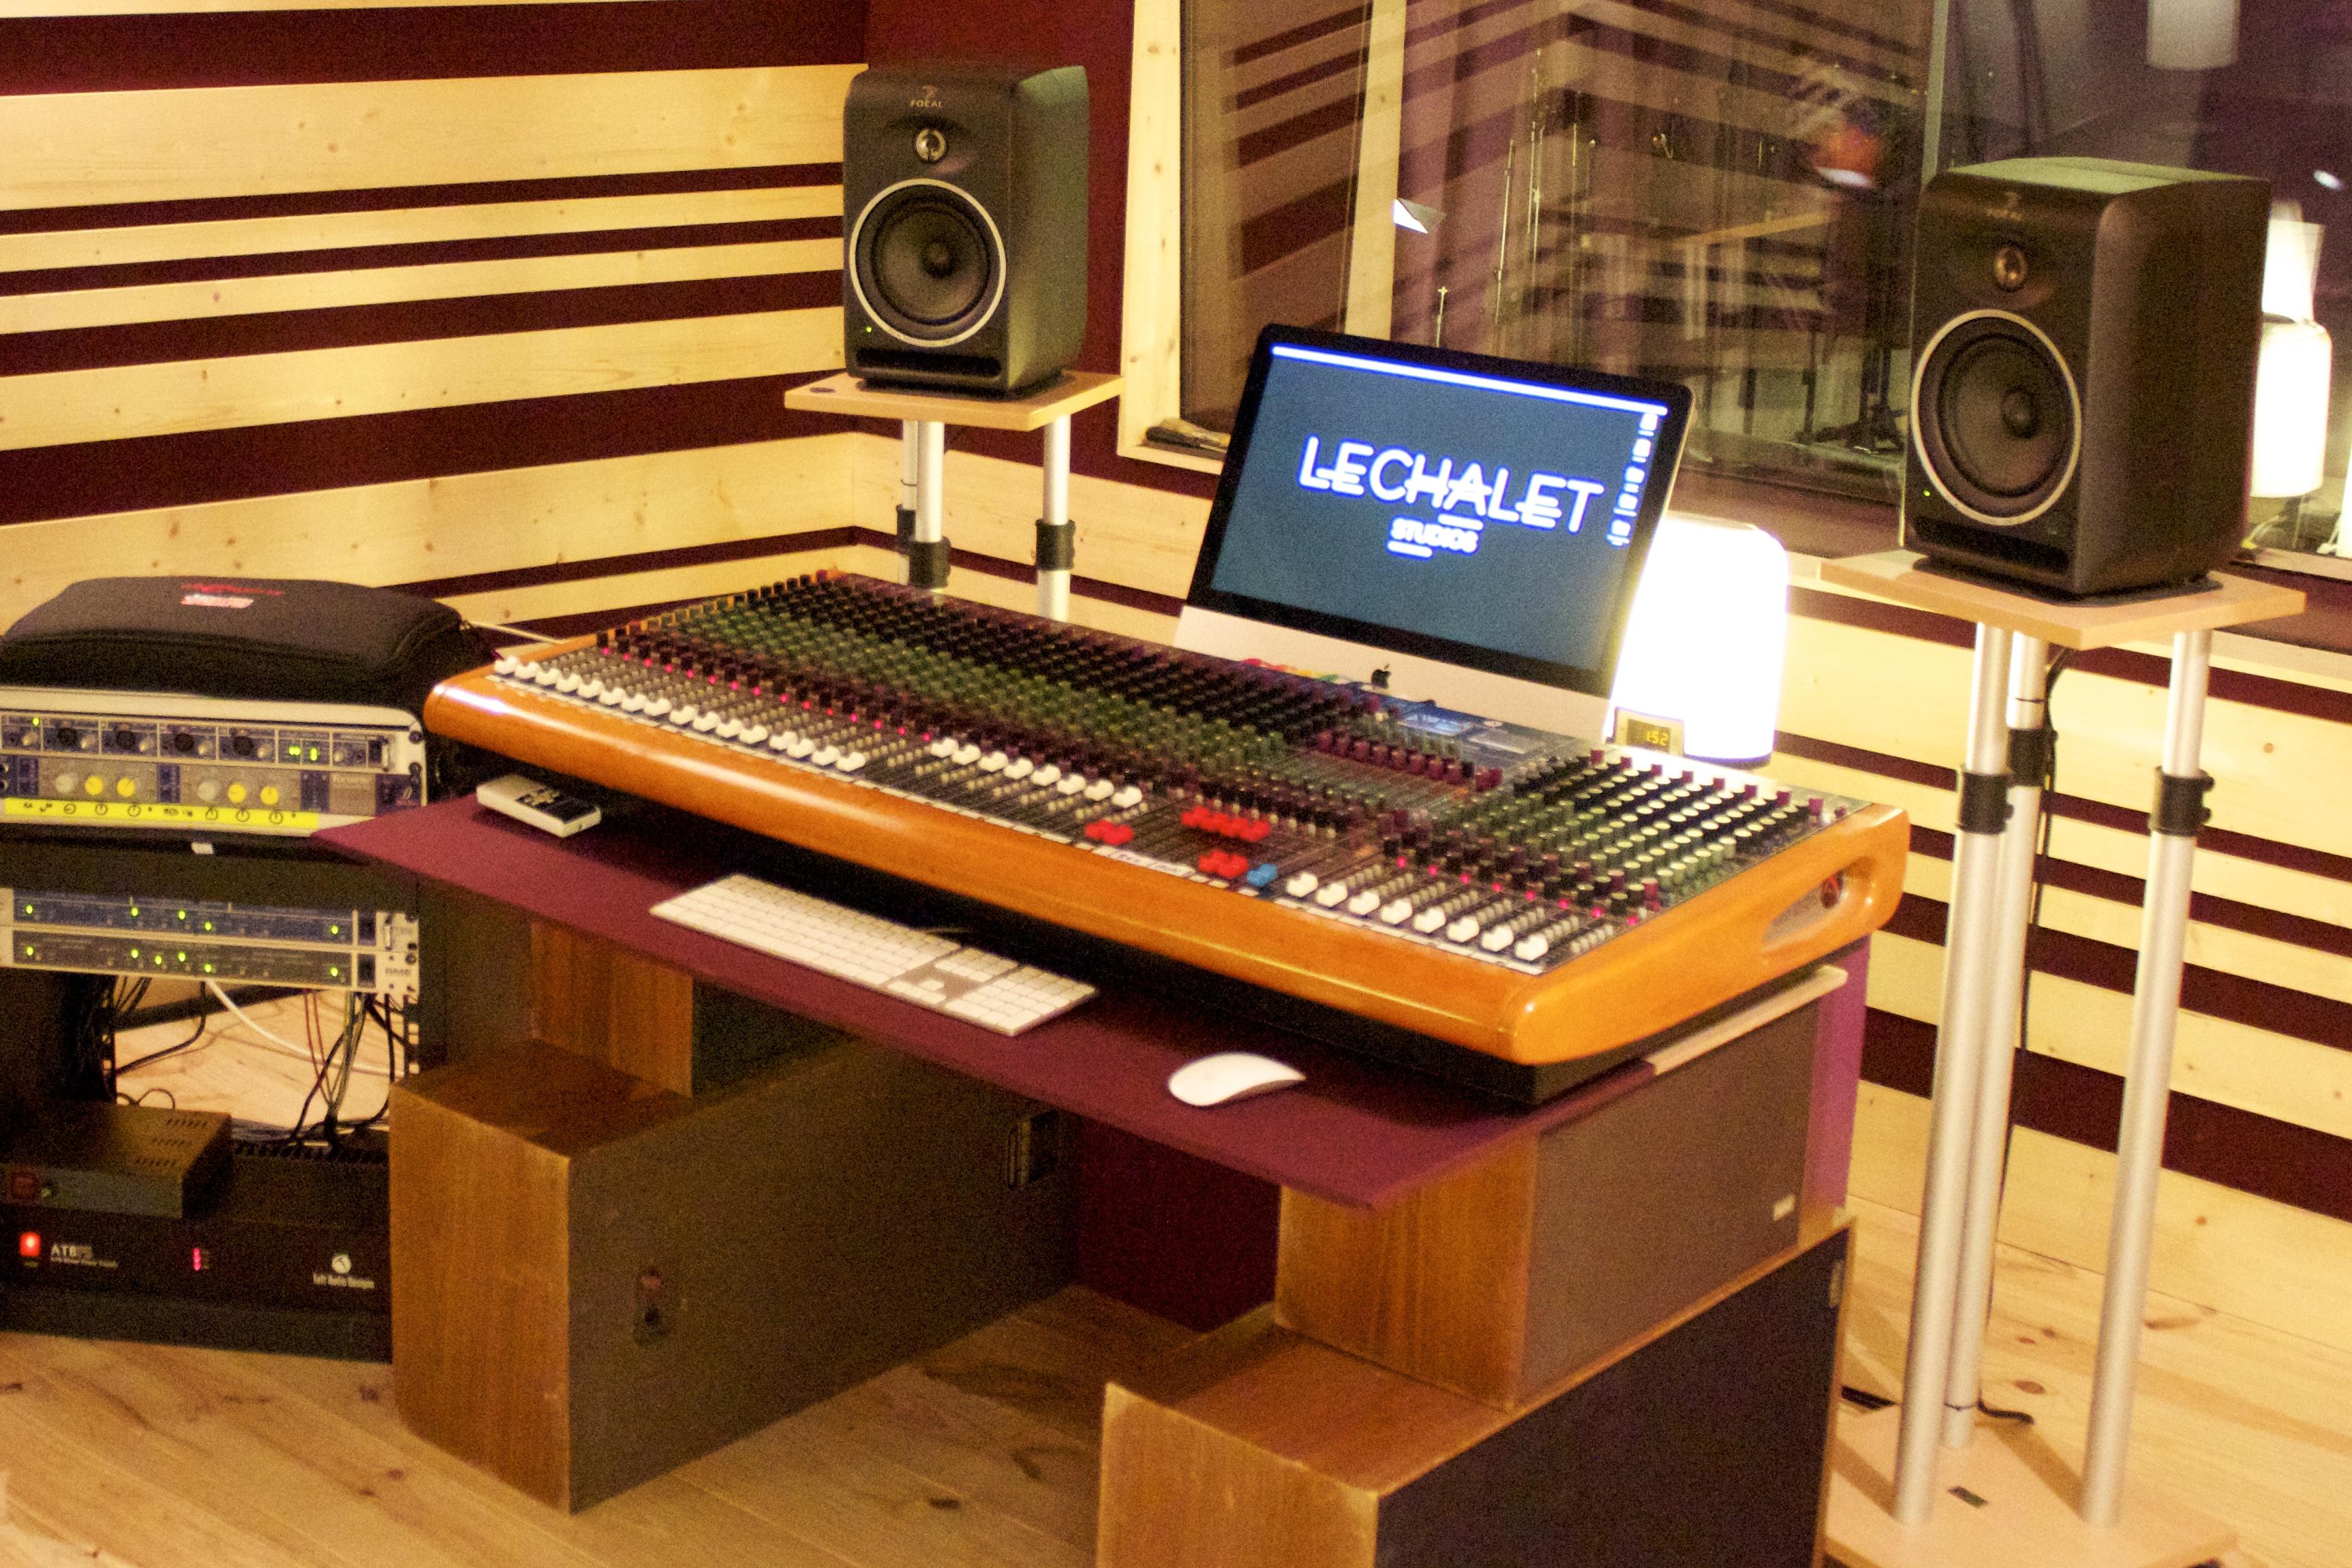 focal cms 65 image 794890 audiofanzine. Black Bedroom Furniture Sets. Home Design Ideas